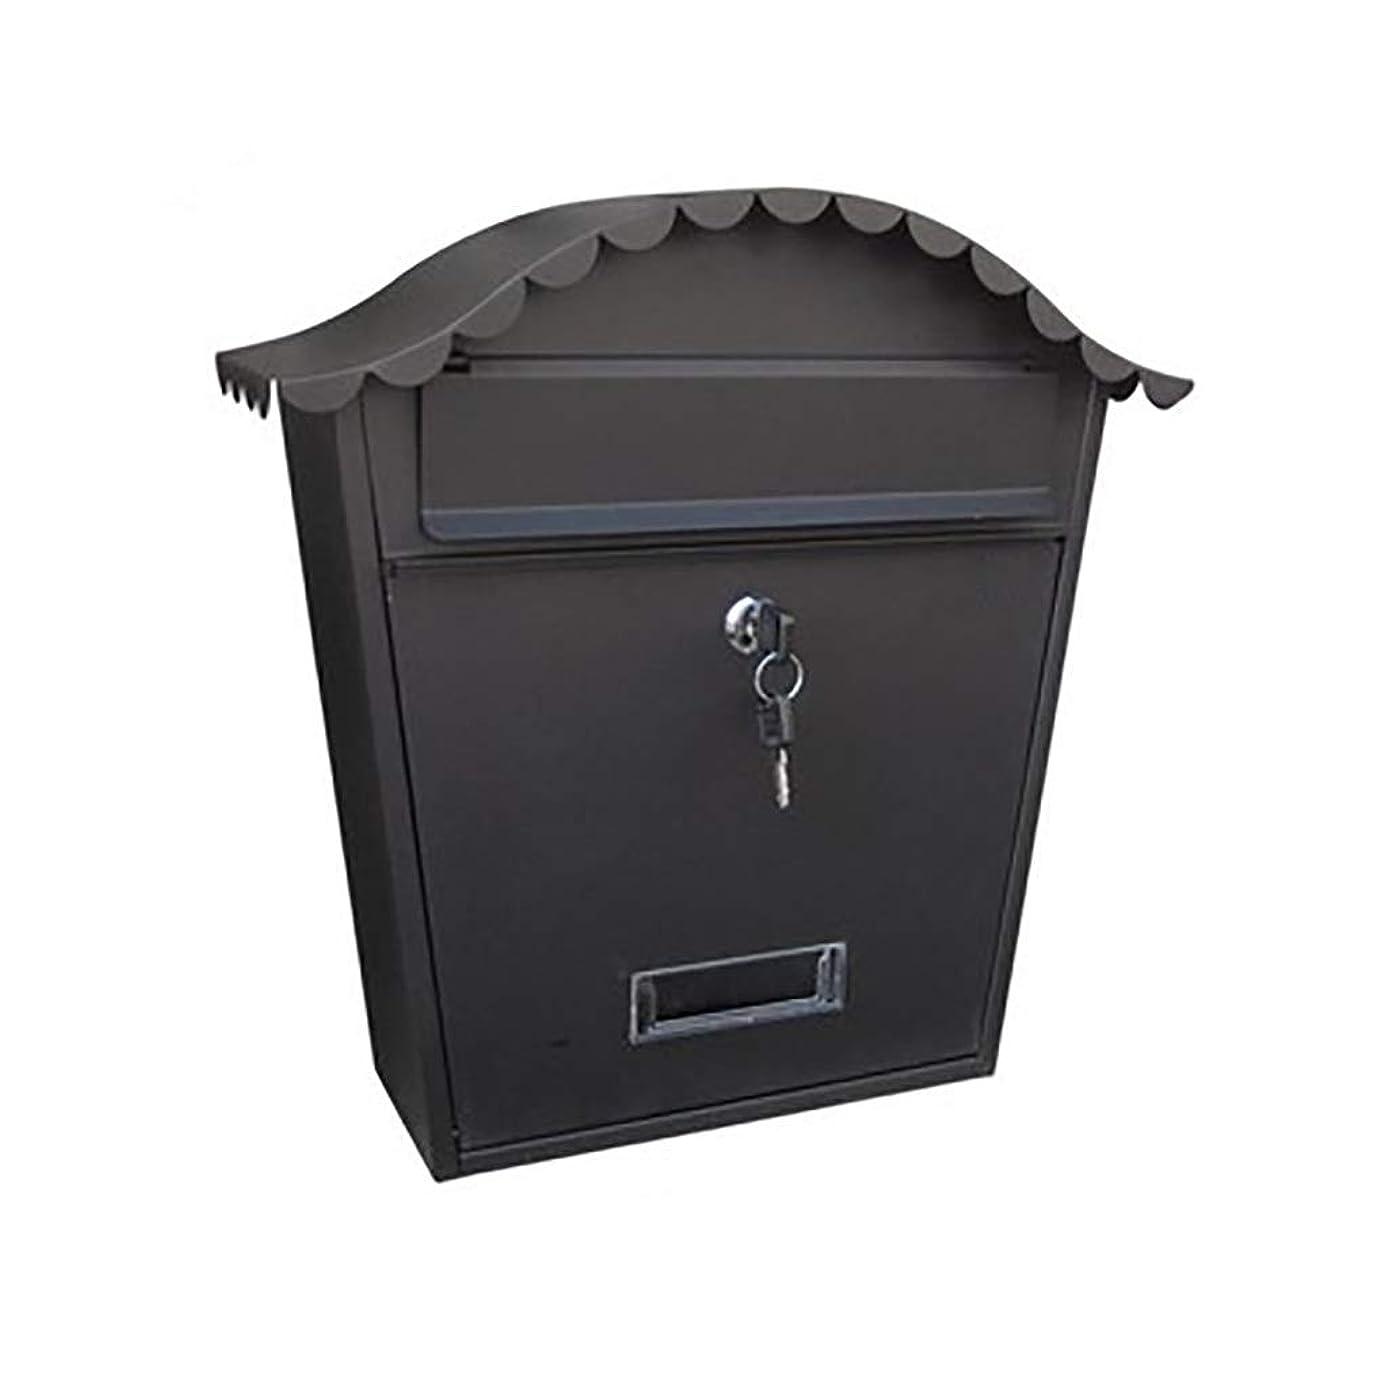 逮捕ブラウン質量YANFEI Mailbox メールボックス防水提案ボックス雨屋外のレトロなメールボックスの壁と錆のポスト、6色 (Color : F)